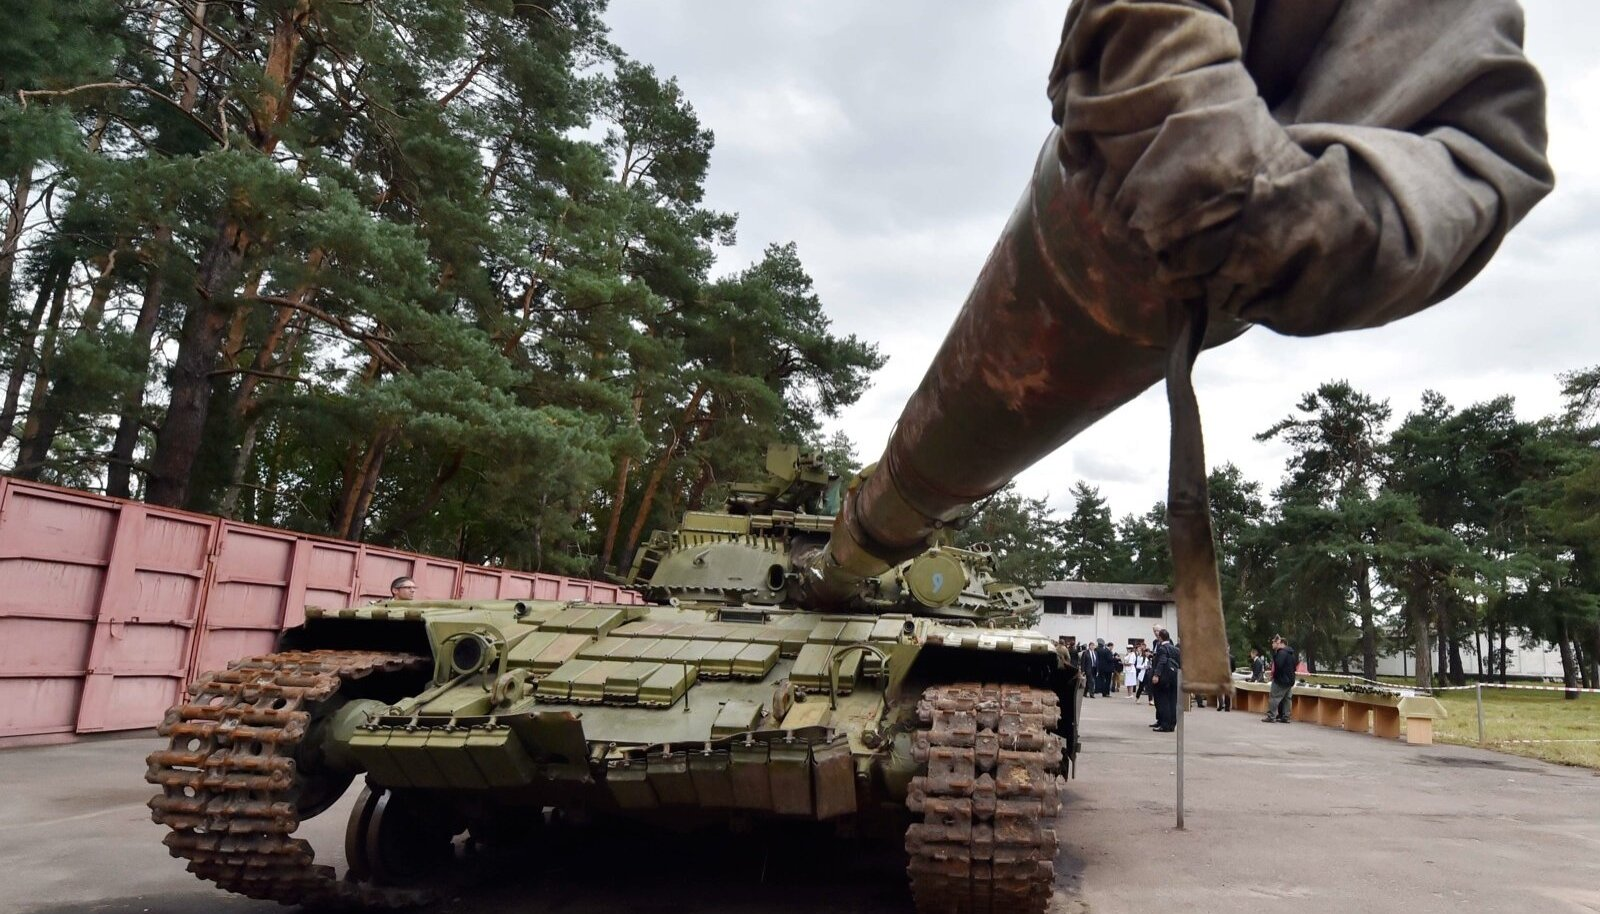 T-64BV. Kapo käsutuses olevate arvete ja saatelehtede järgi oli sellised tanke saadetavaks kaubaks märgitud 25.